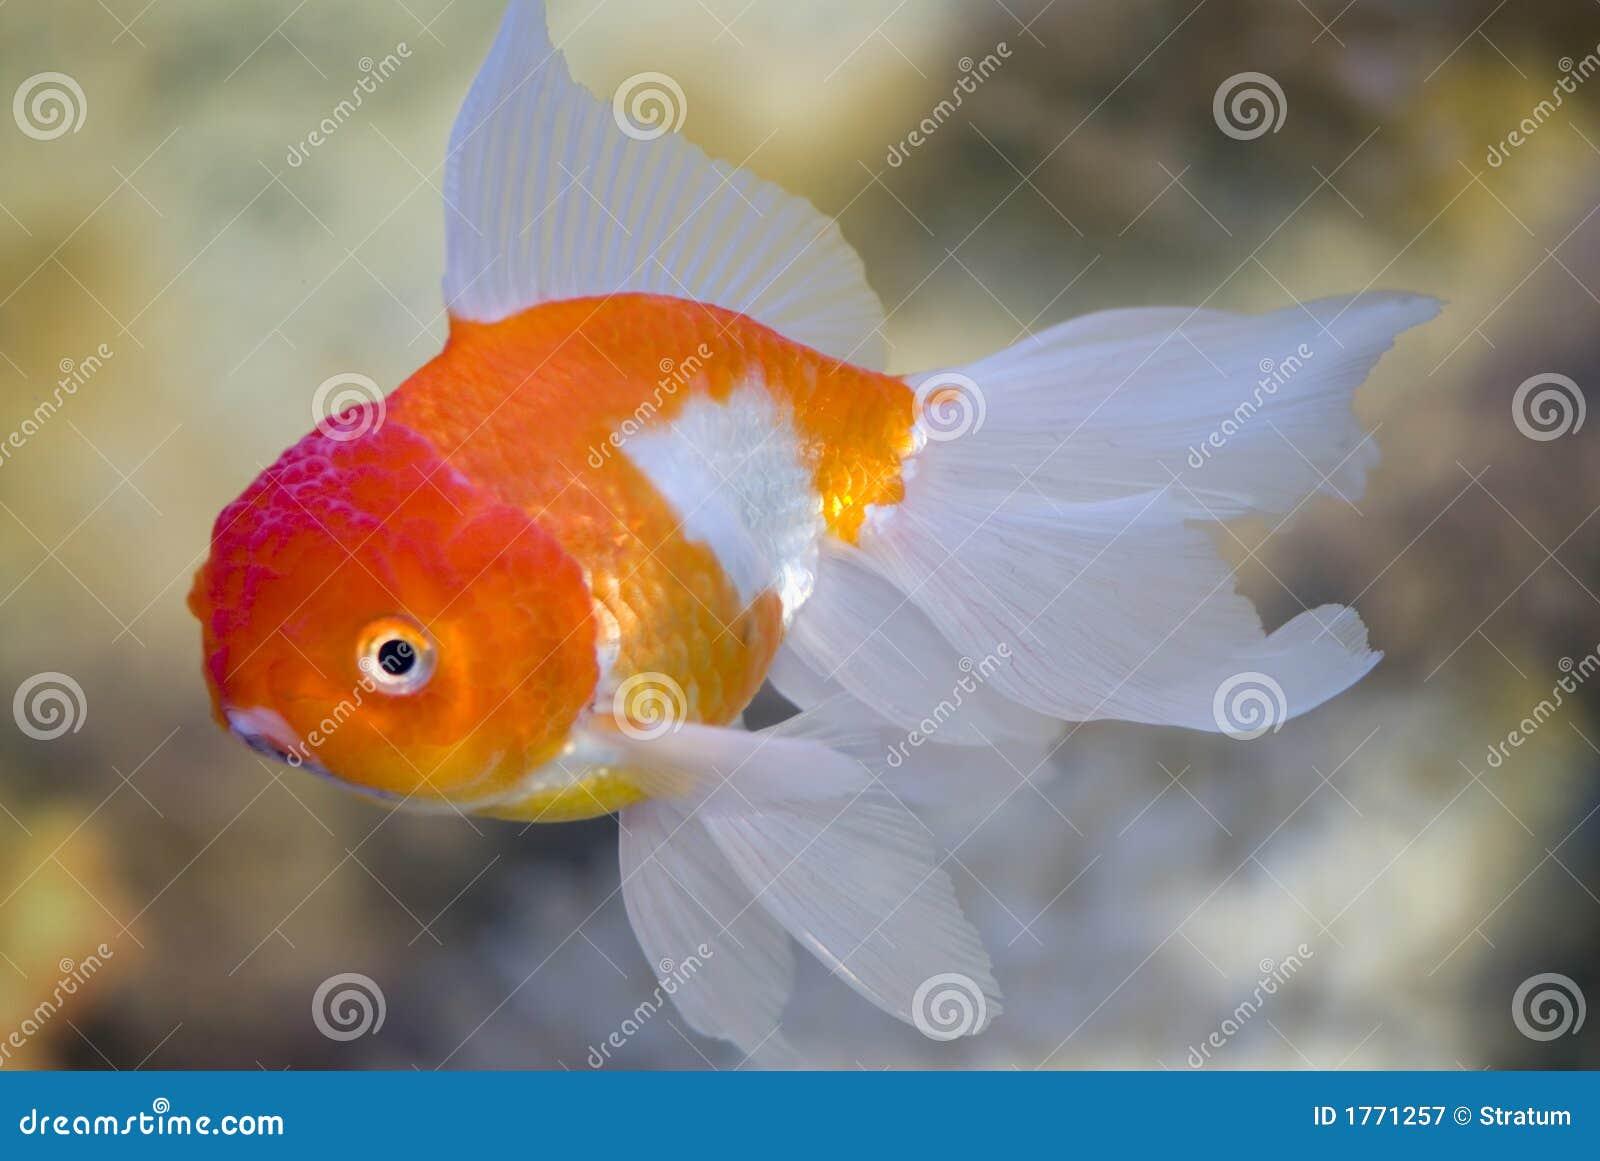 Pesci in un acquario d 39 acqua dolce immagine stock for Pesci per laghetto prezzi